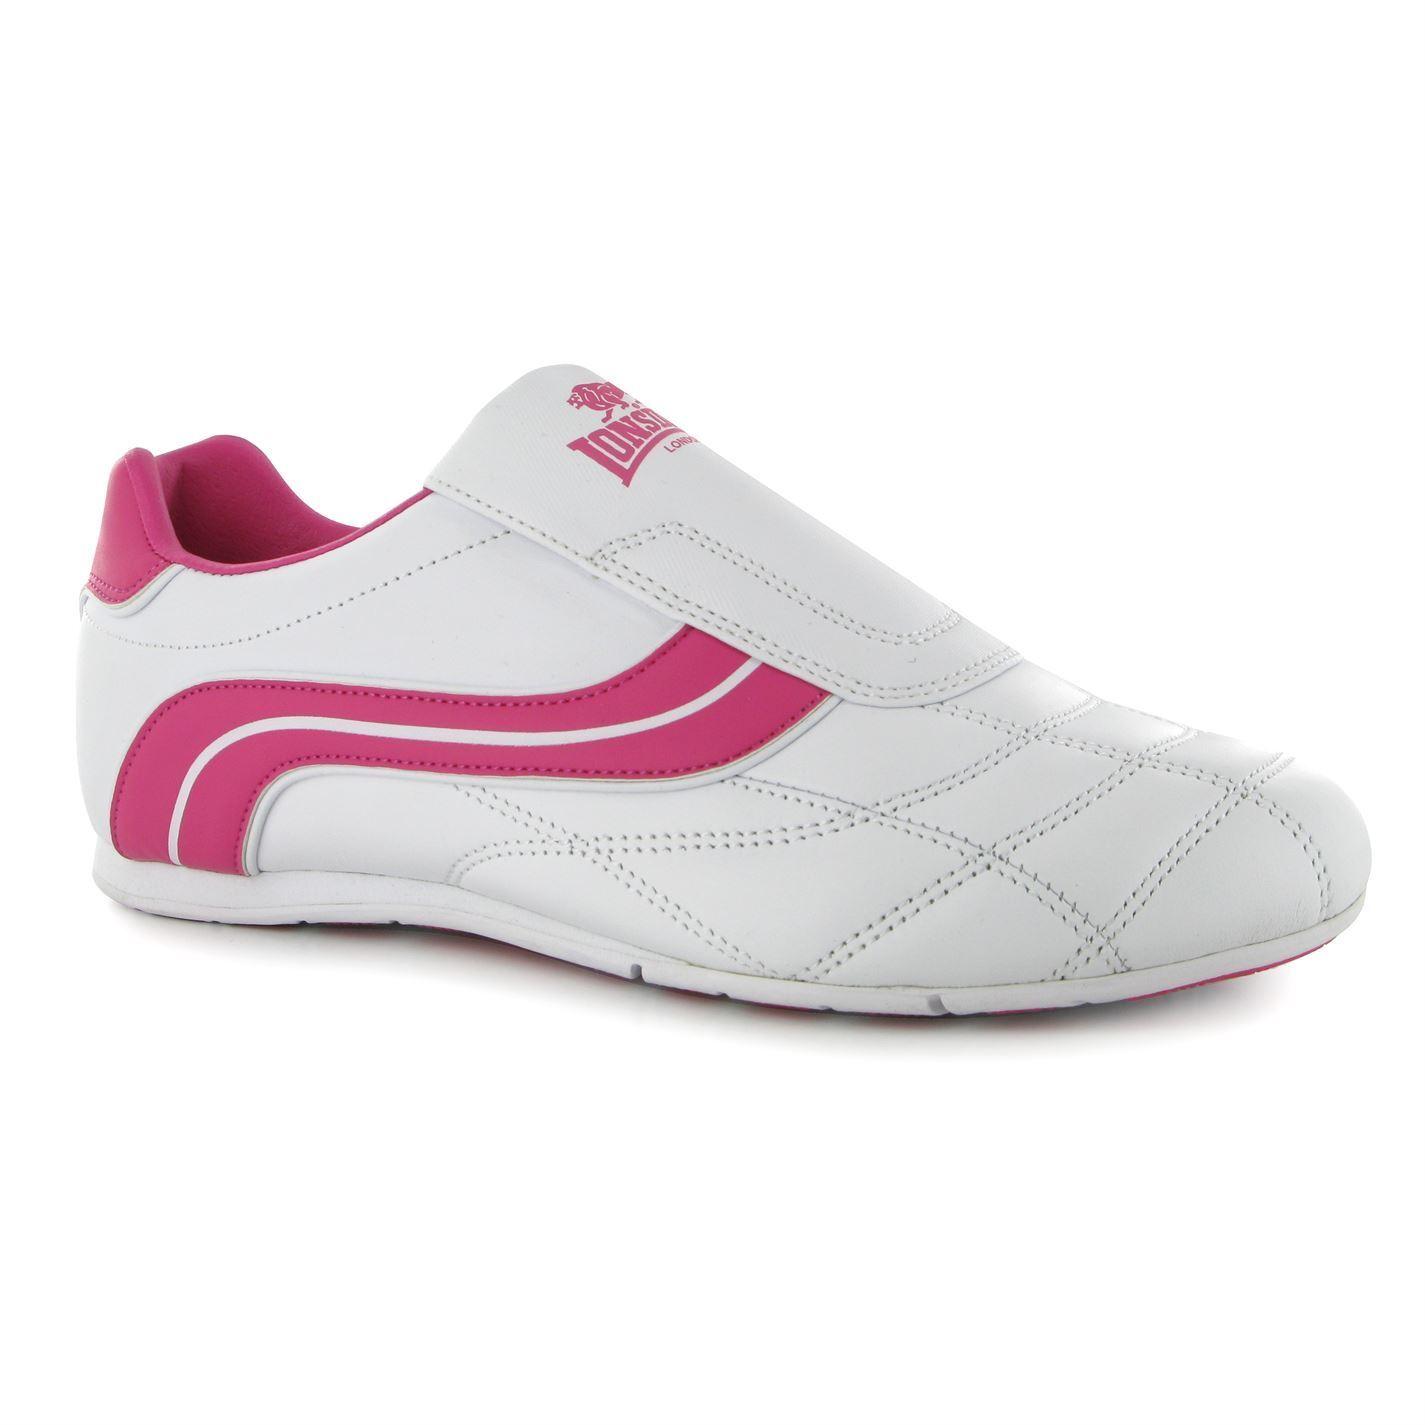 Baskets Tennis Chaussures de Sport Femme LONSDALE (Du 35,5 au 39) Neuves